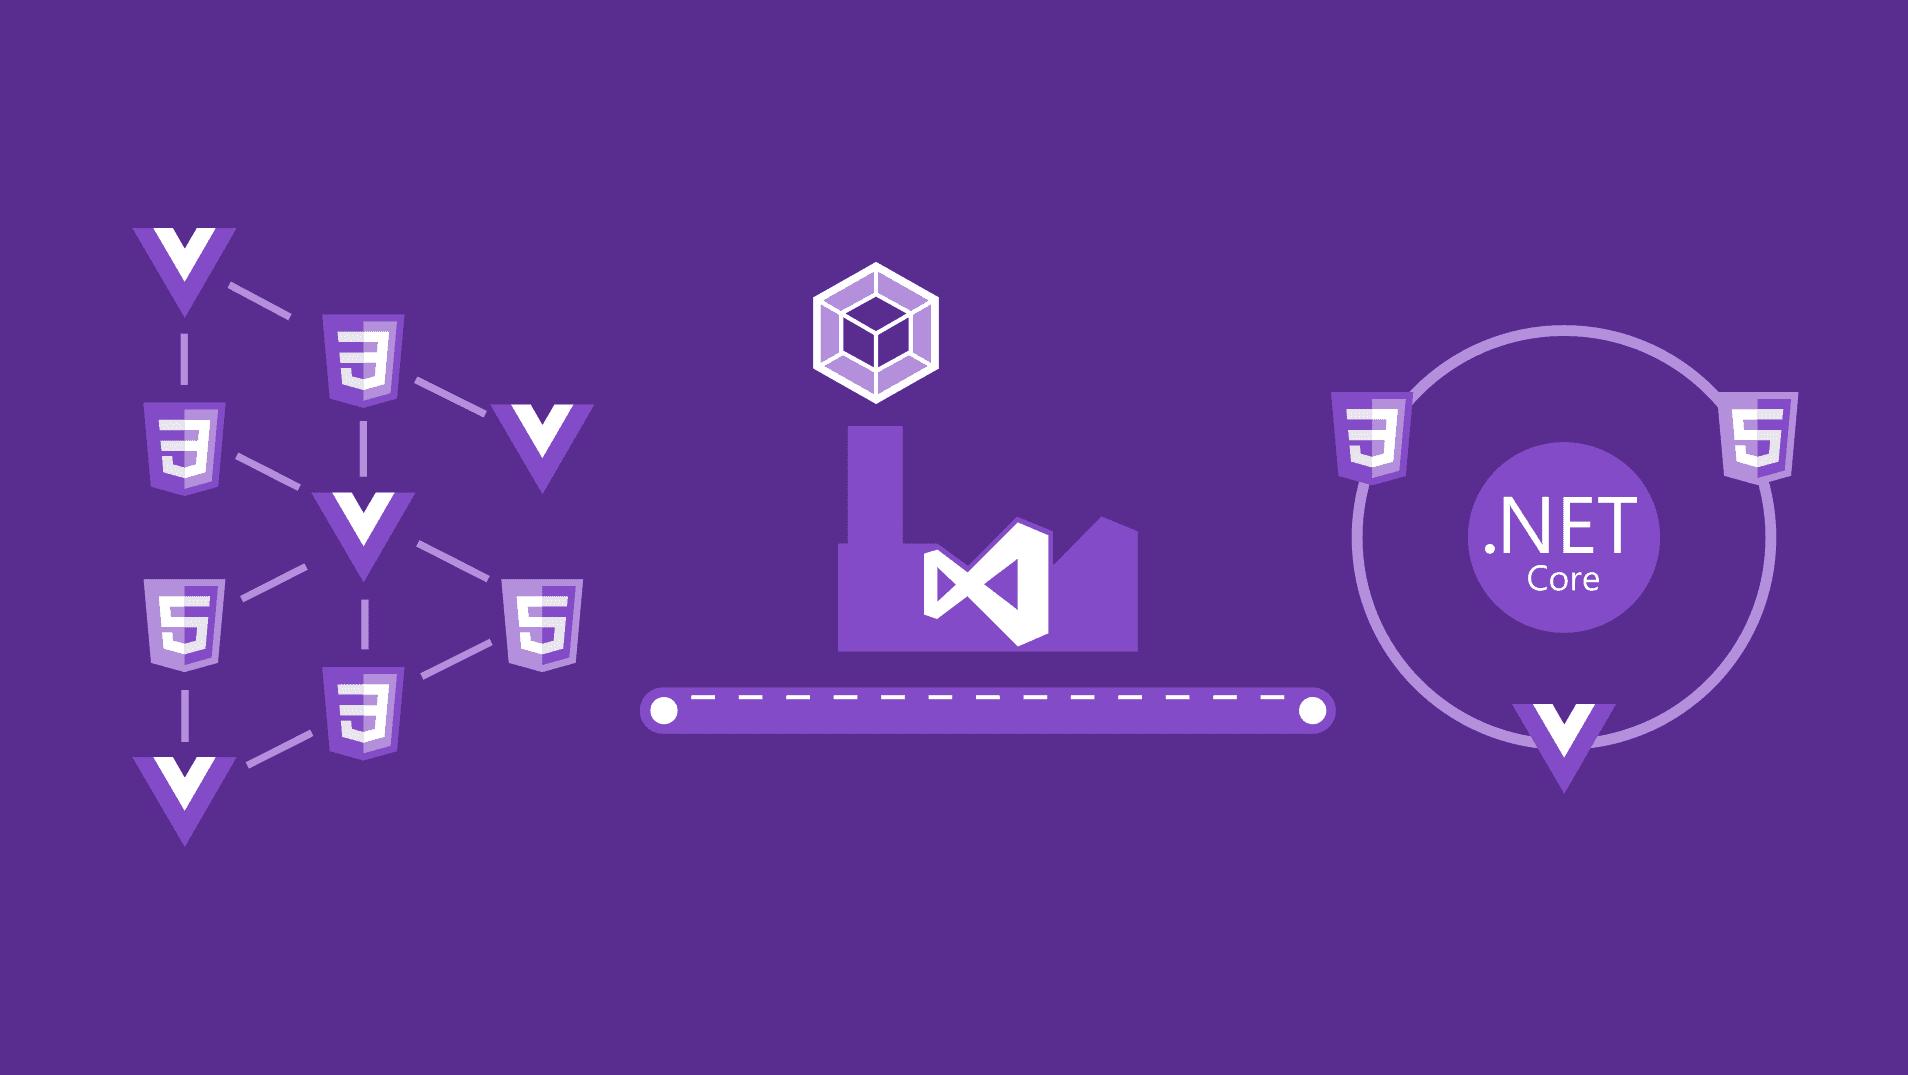 .Net Framework là gì và tại sao một số phần mềm lại cần nó?